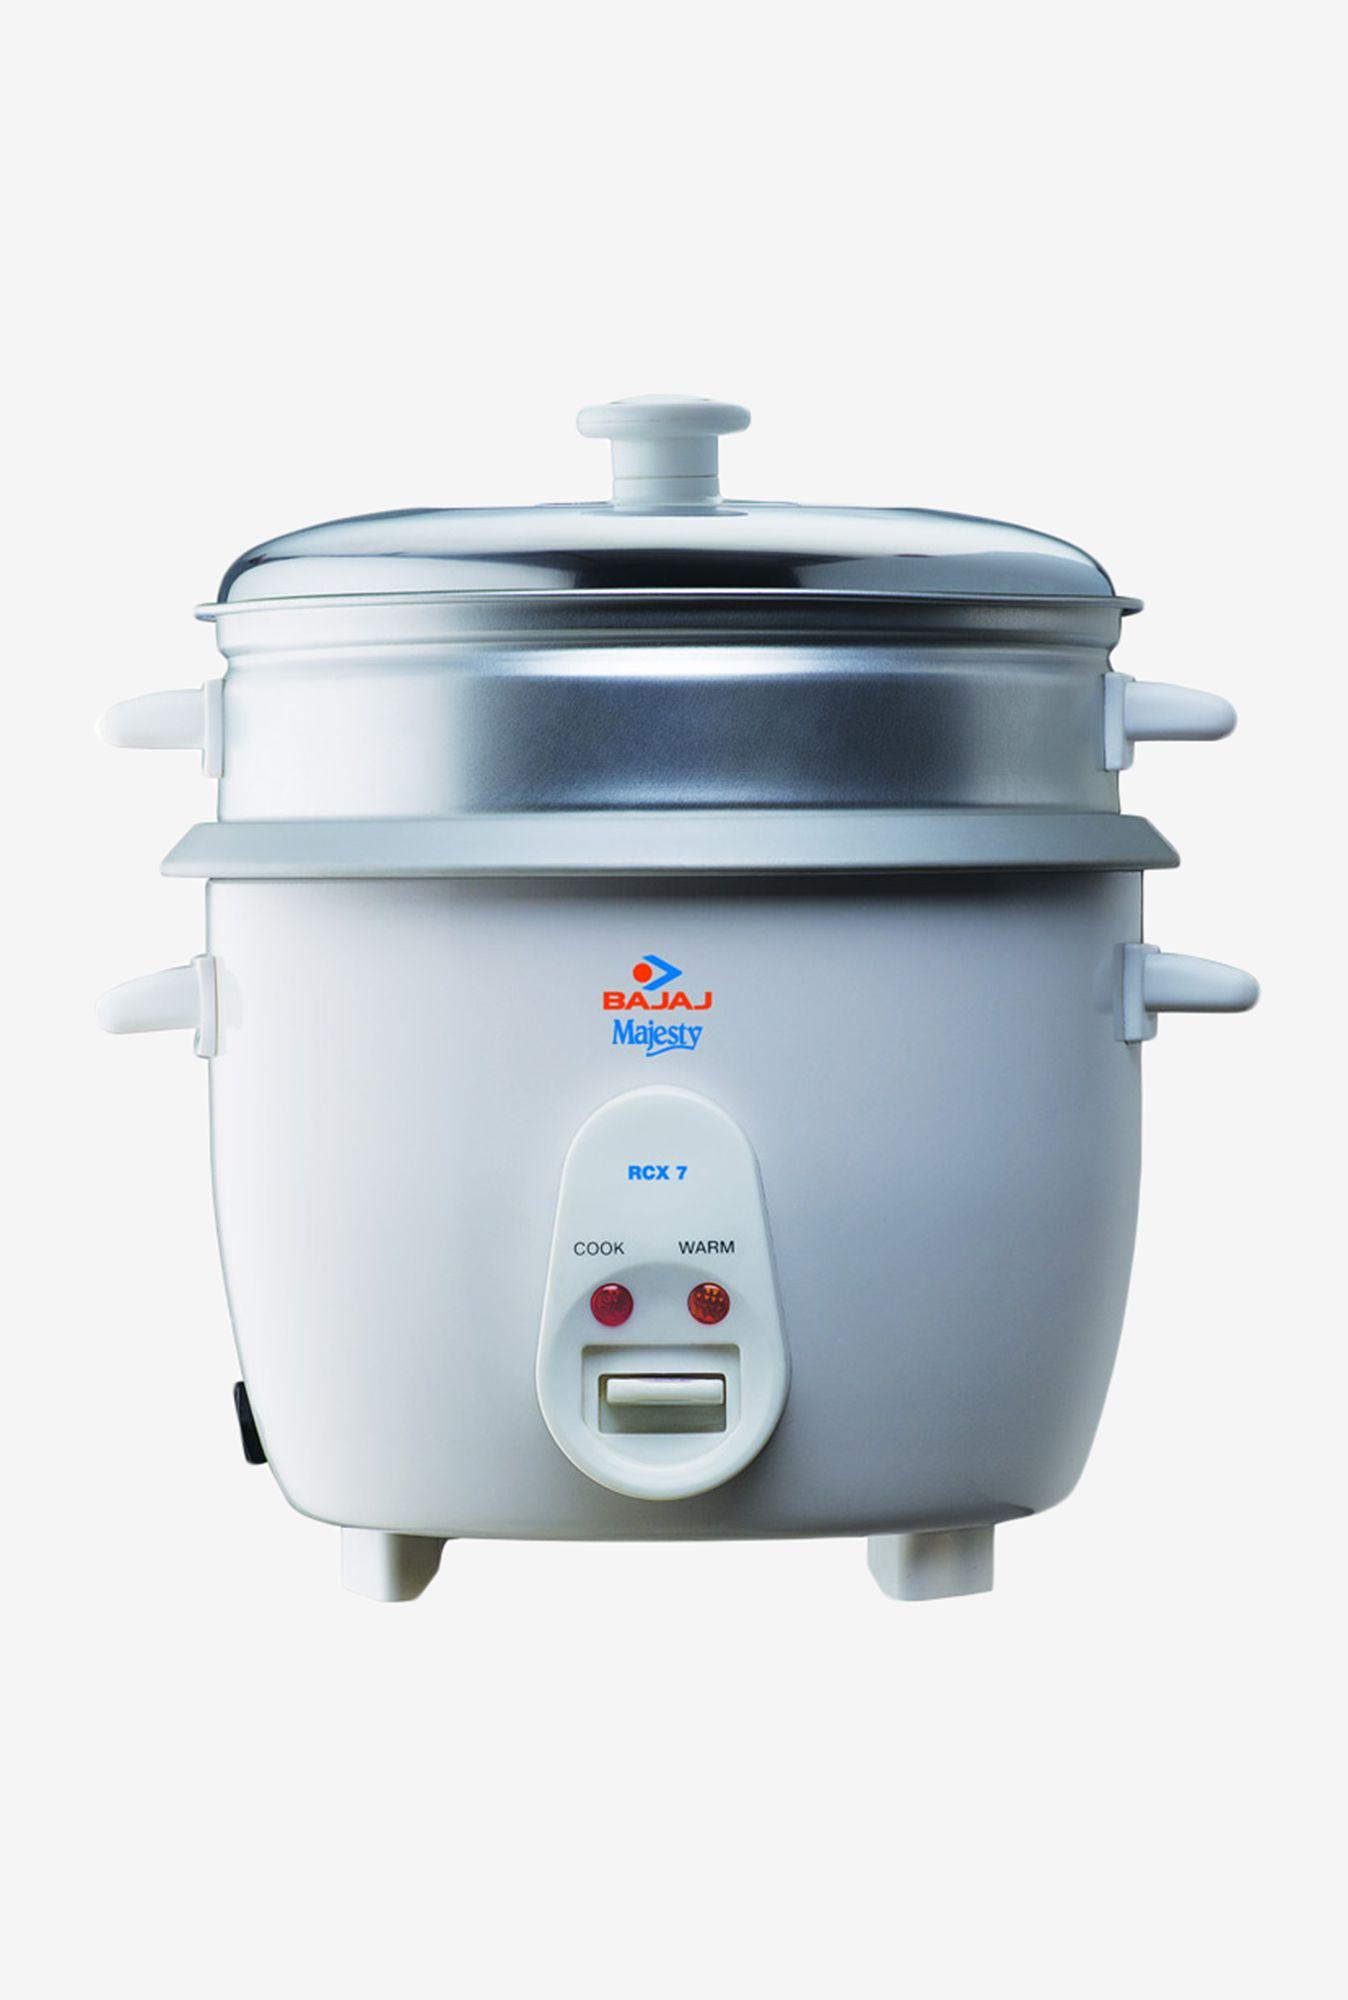 Bajaj Rcx 7 Rice Cookers Price In India Buy Bajaj Rcx 7